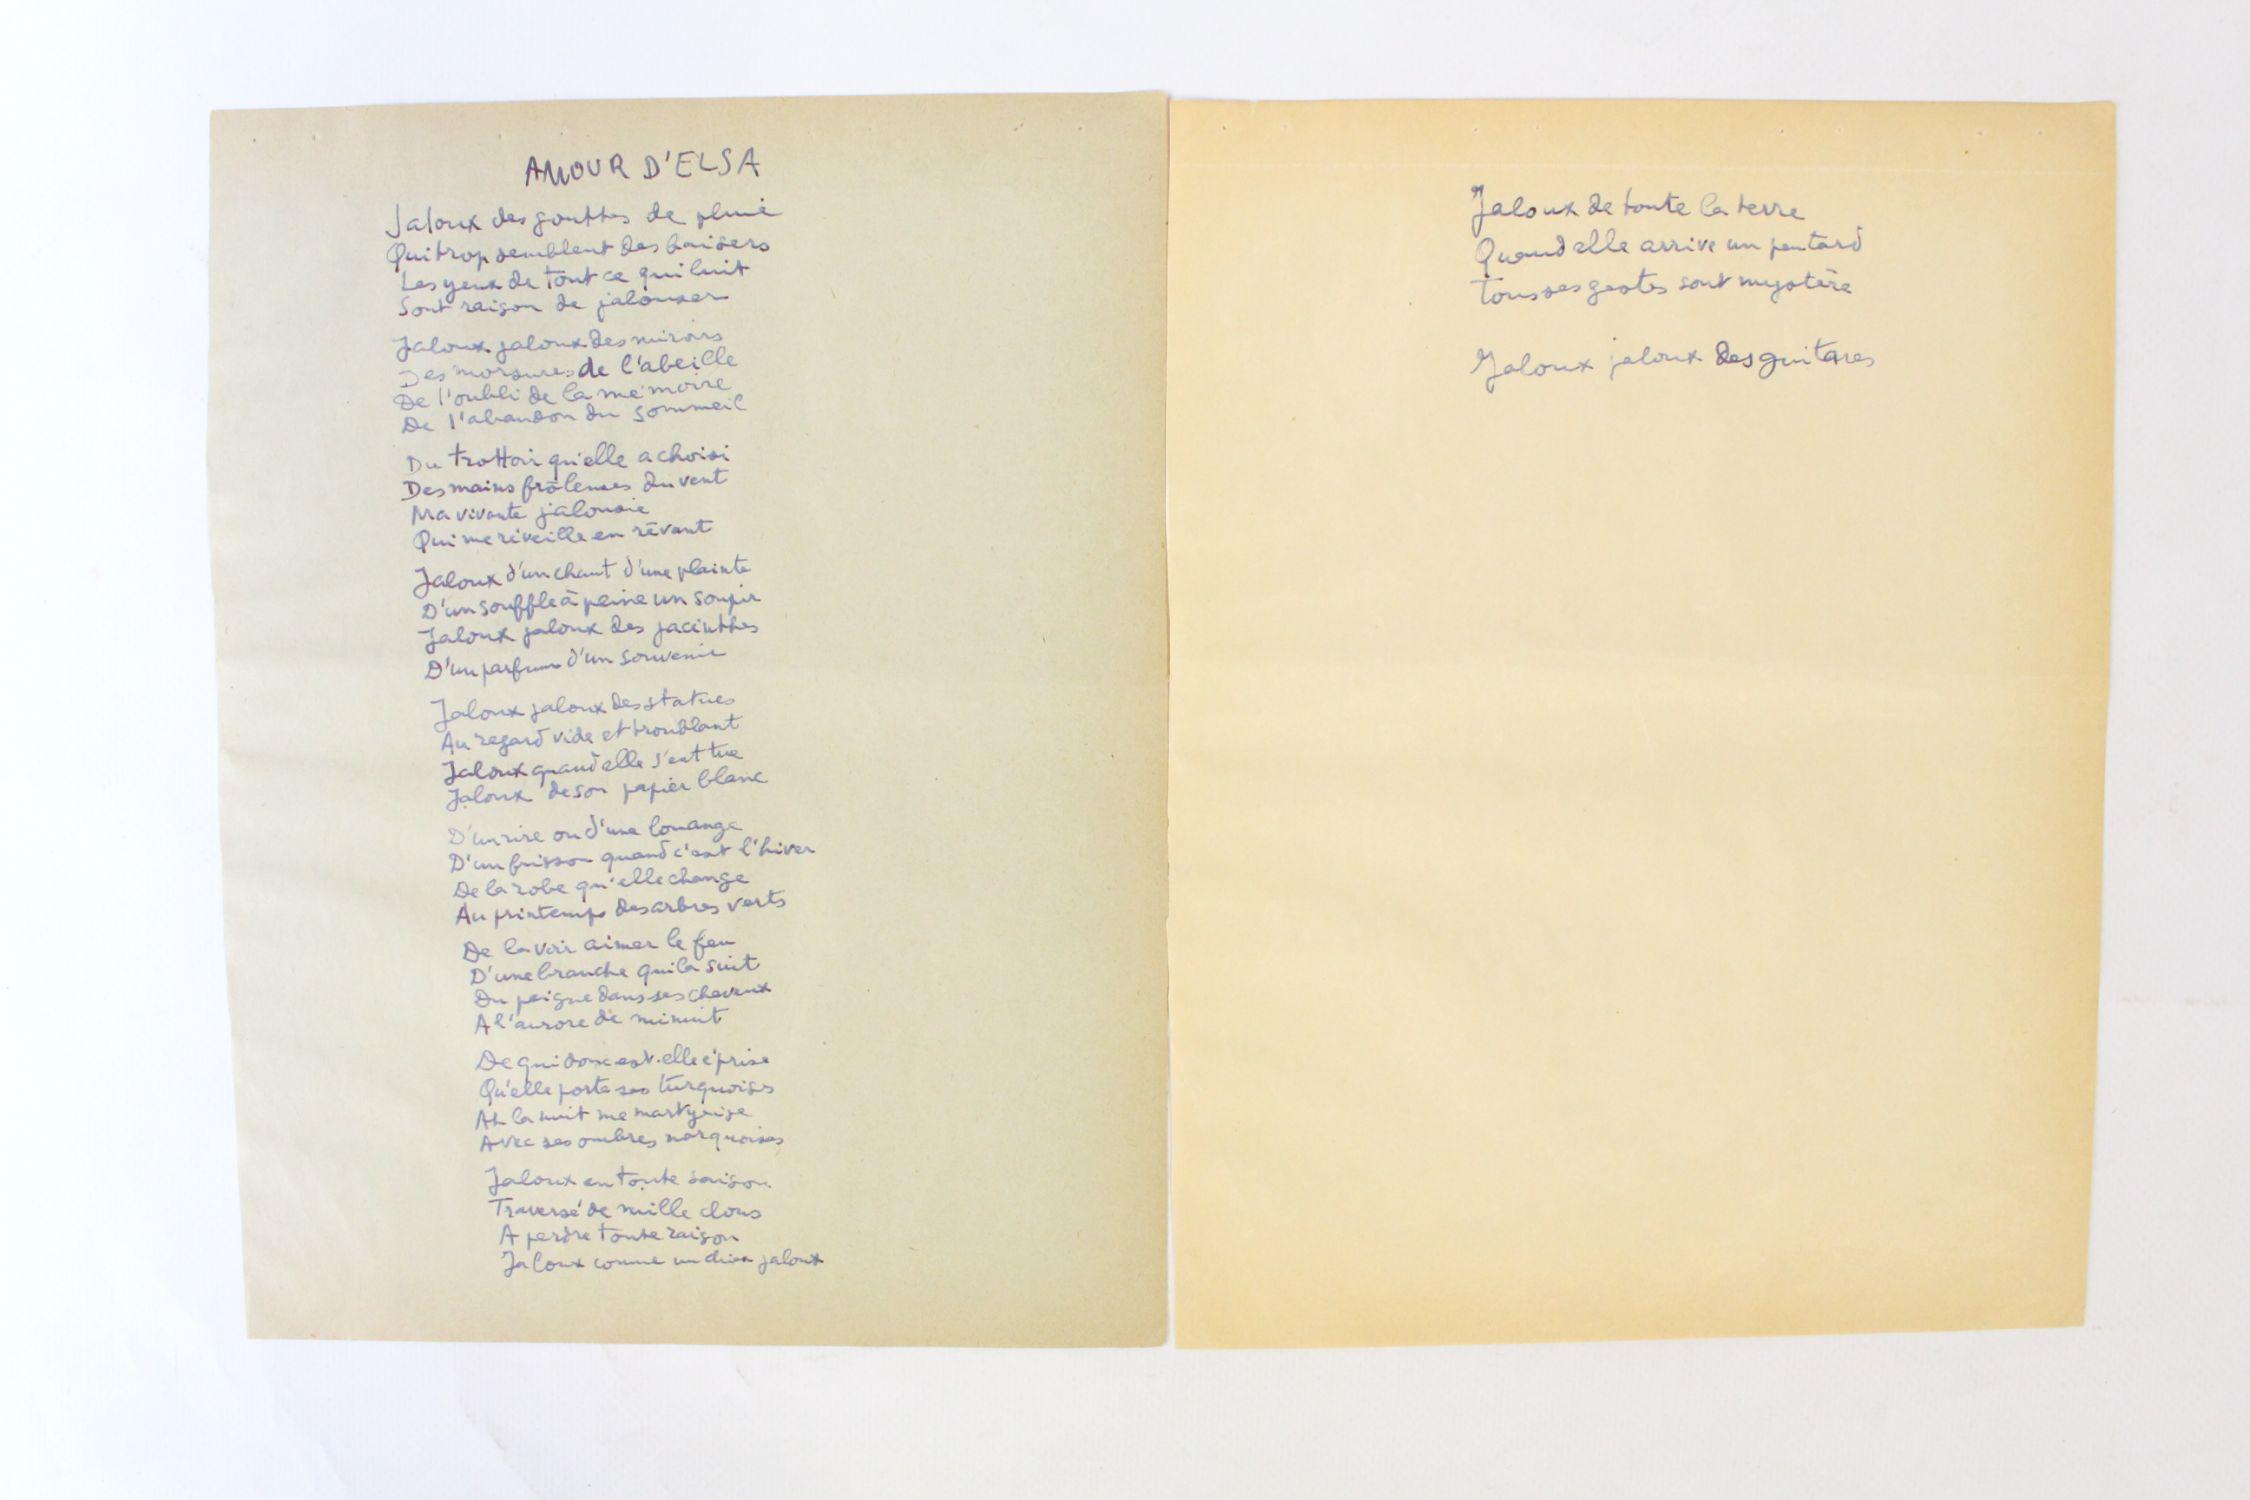 Terren Jalousie | Aragon Poeme Manuscrit Amour D Elsa Jaloux Des Gouttes De Pluie